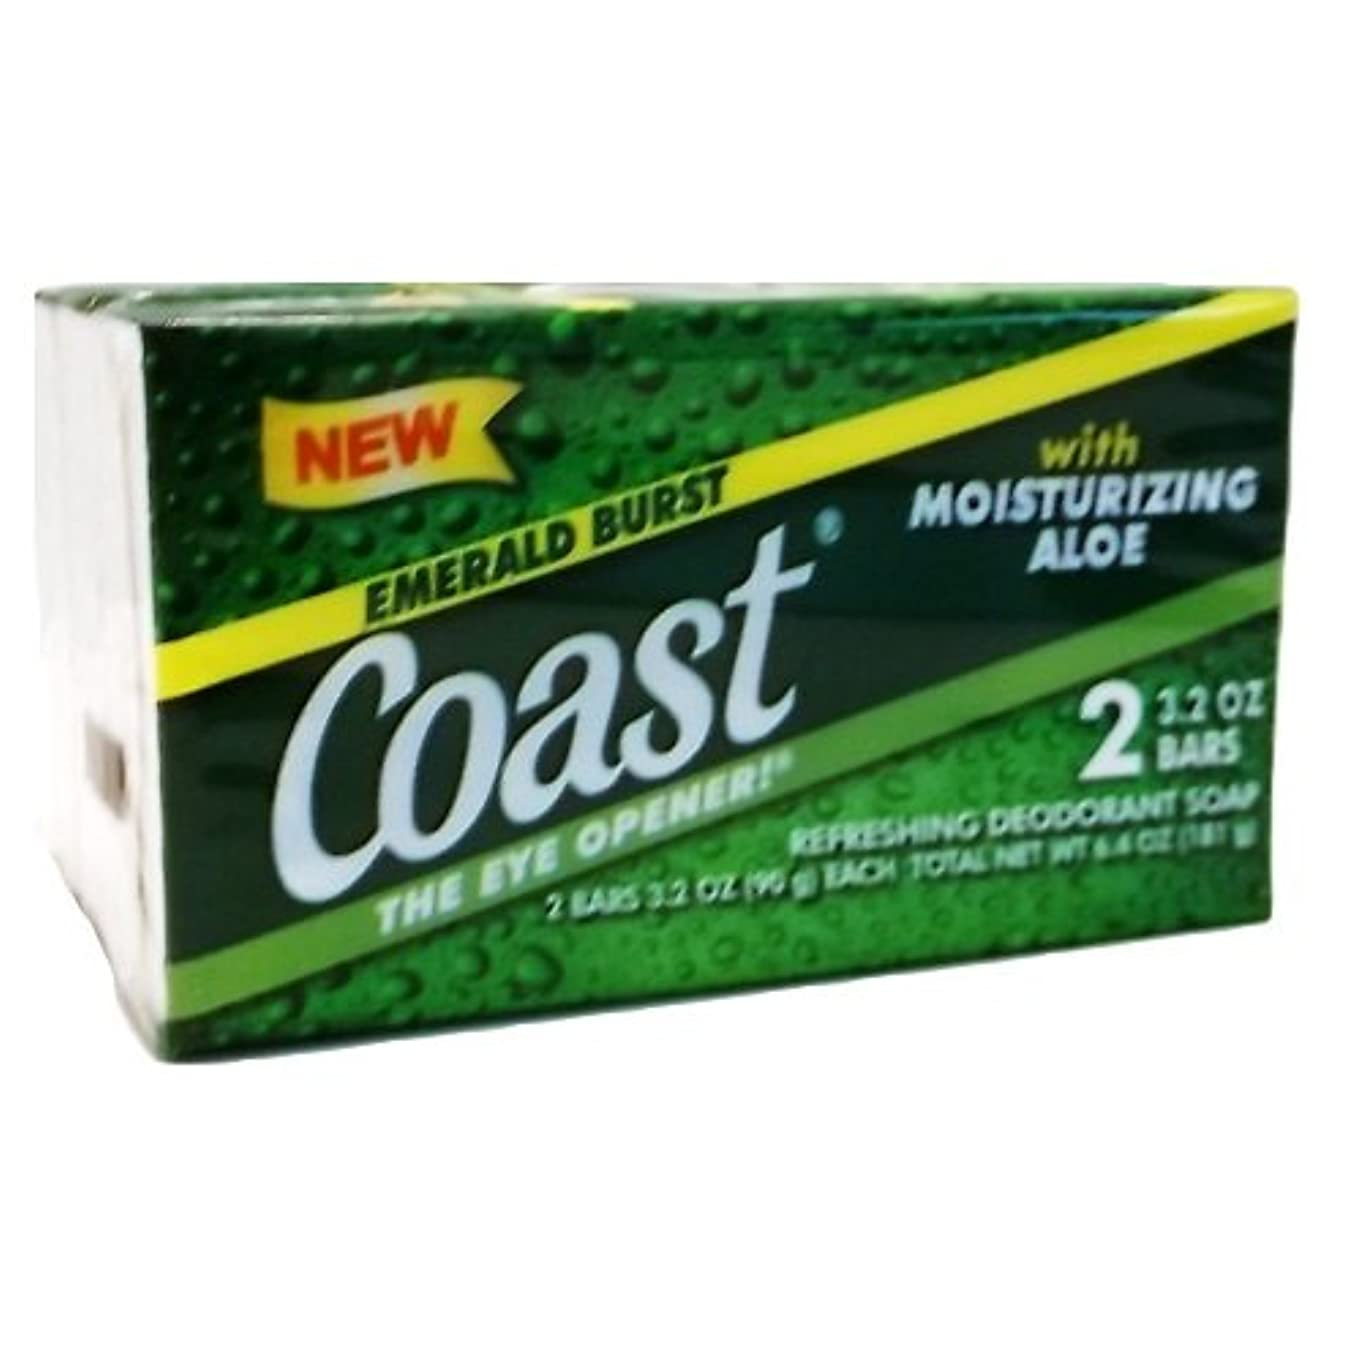 エンドウ変動するロバコースト(Coast) 石けんエメラルドバースト2個入り×24パック(48個)